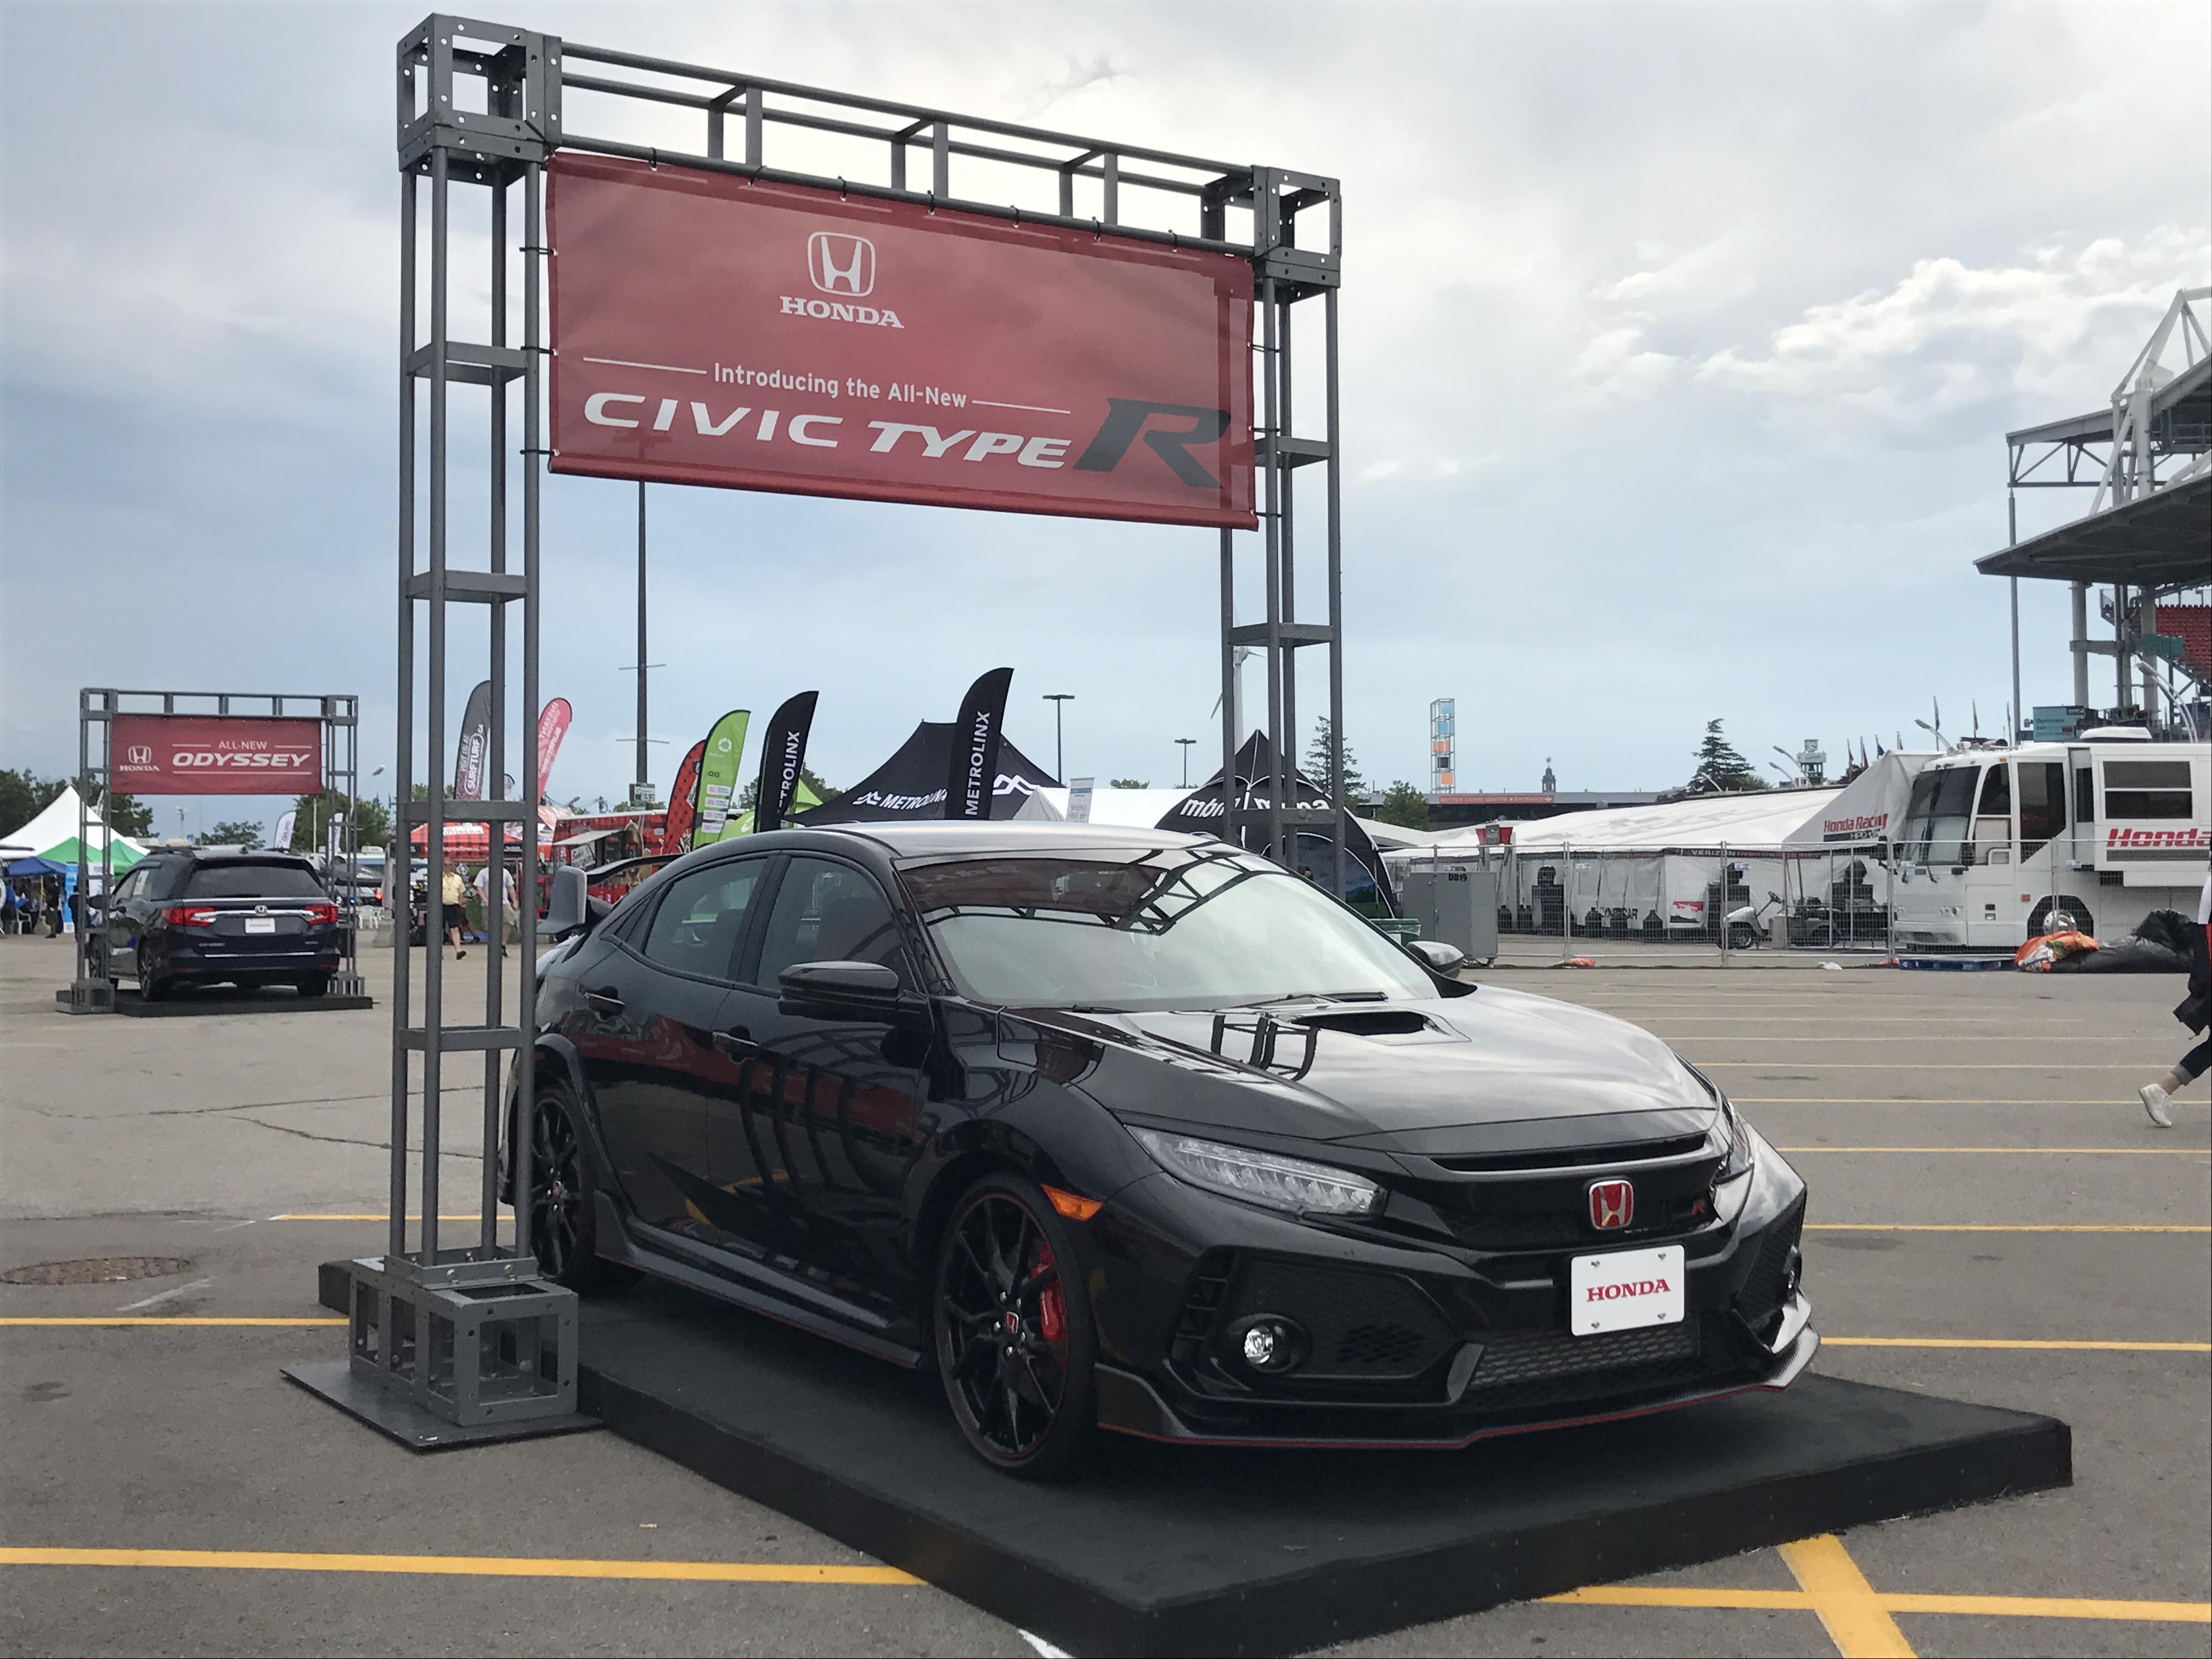 2017 Honda Civic Type R (BLACK)